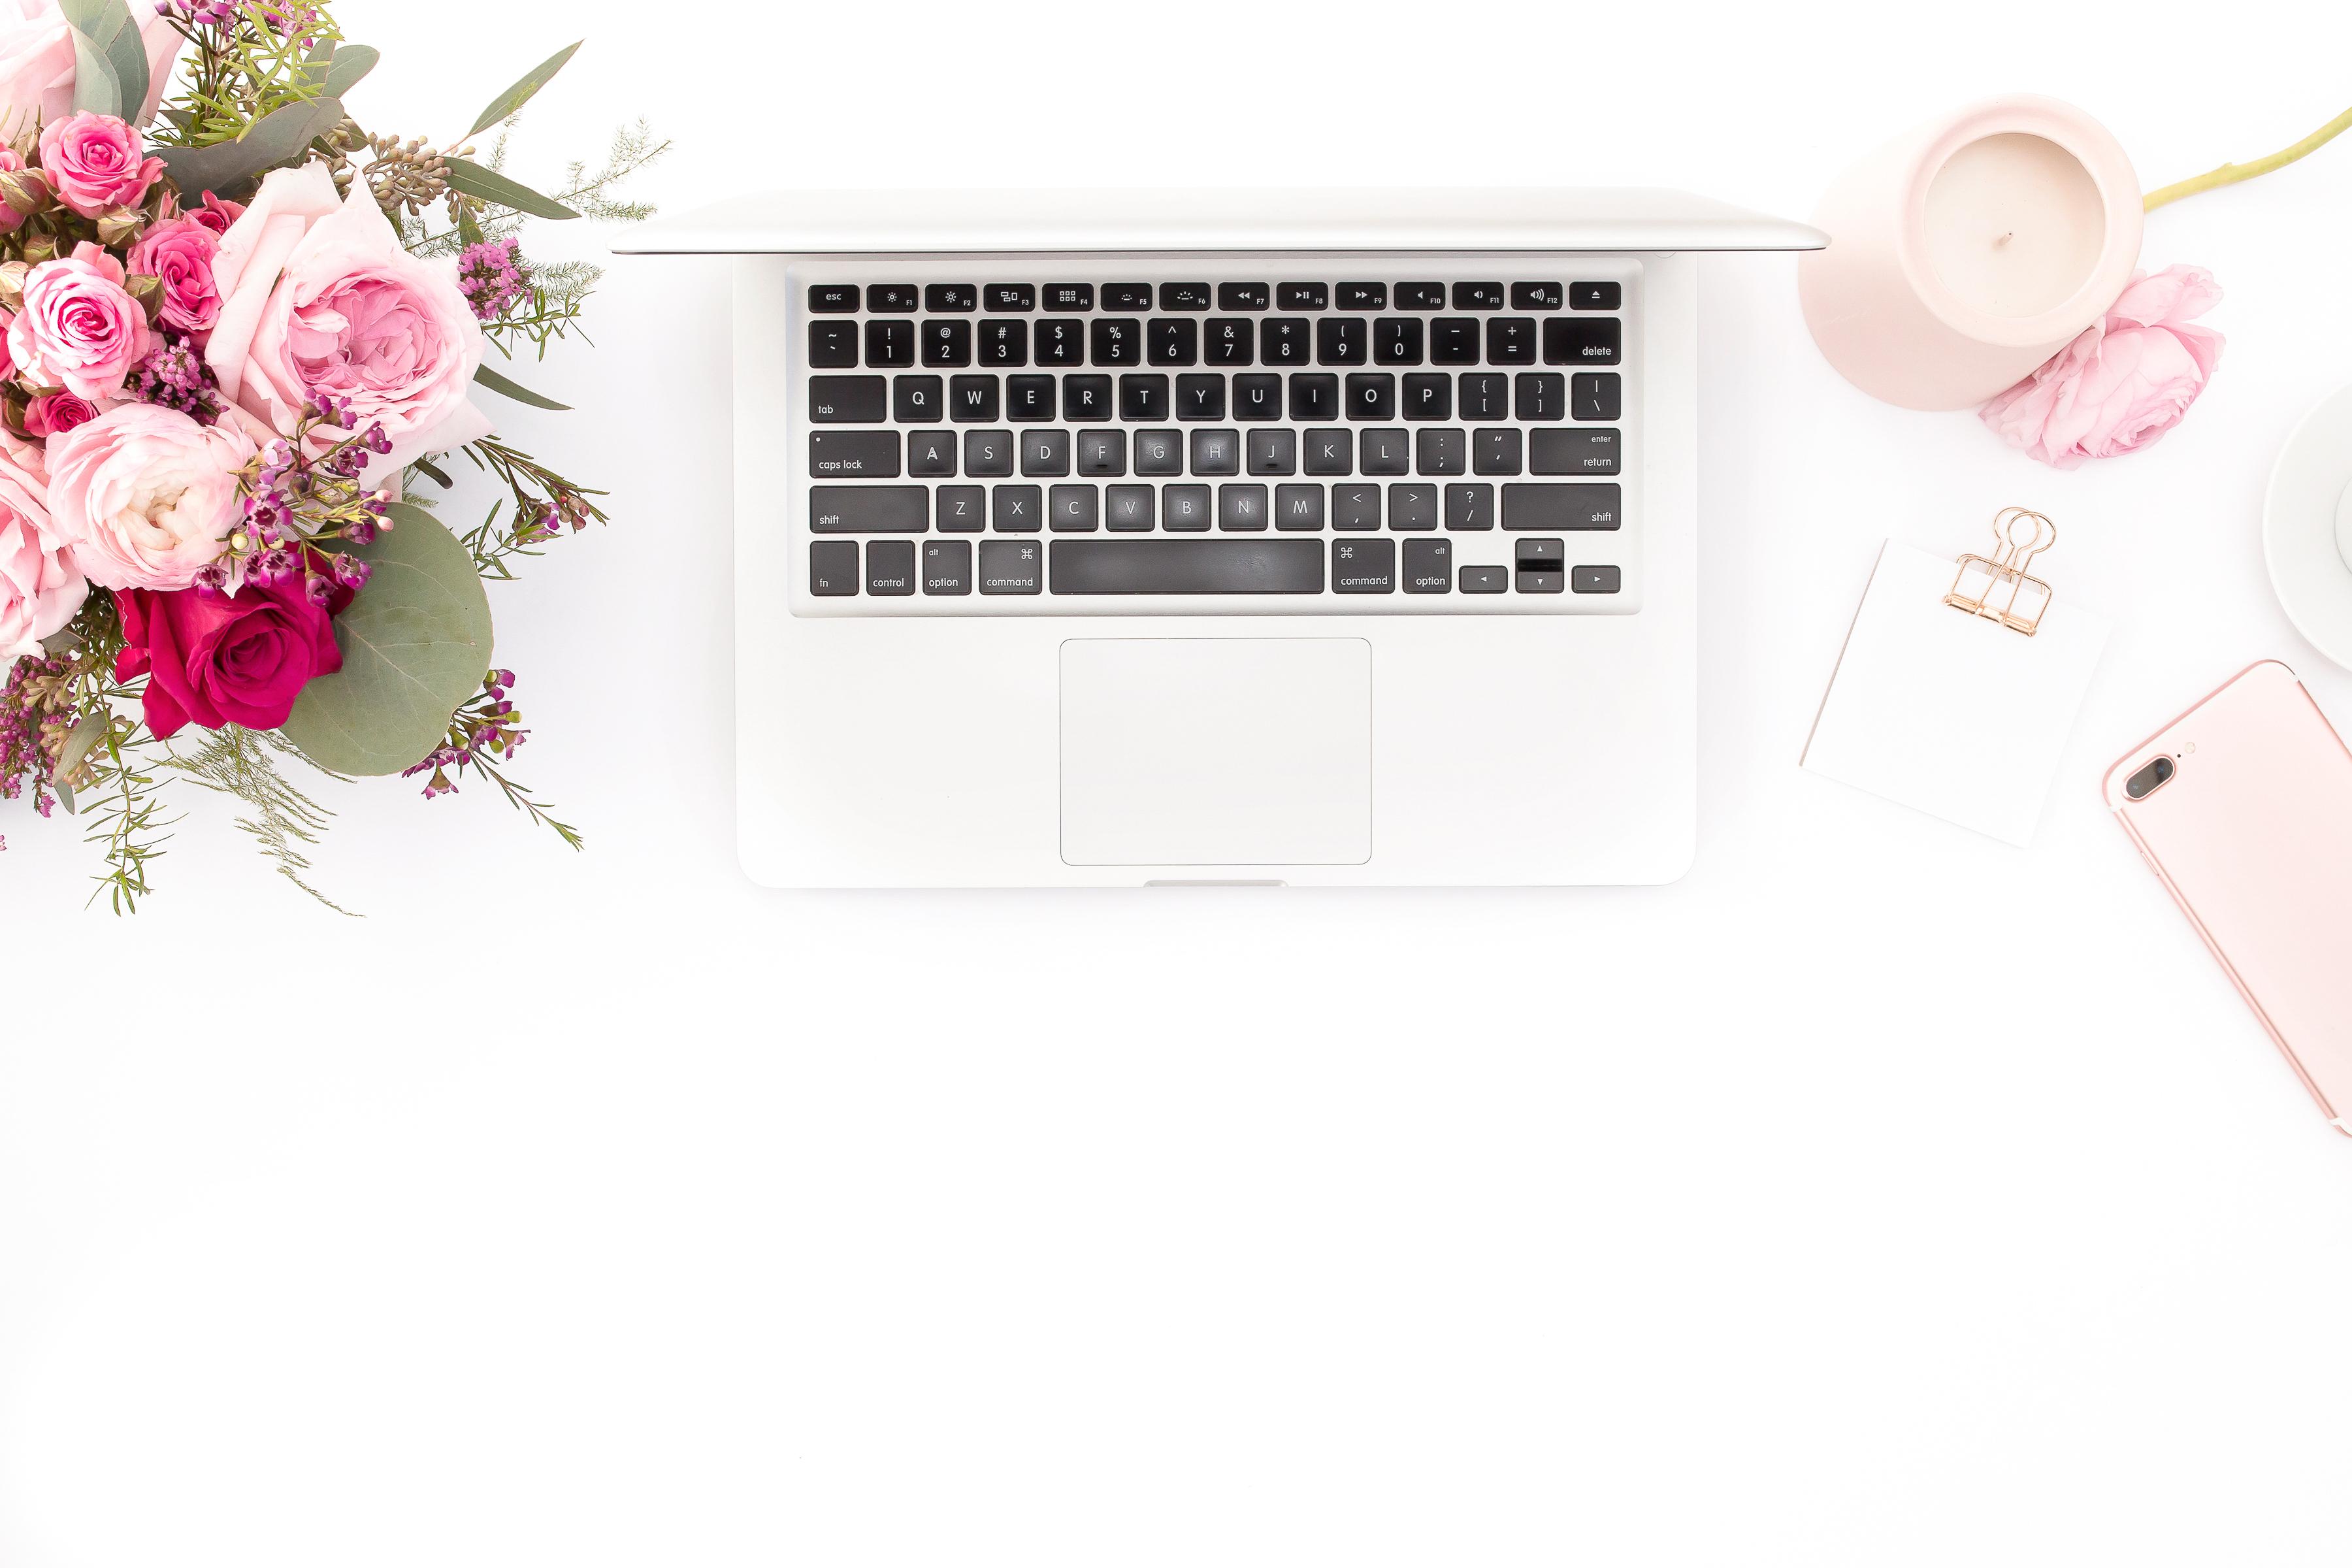 7 Ways To Increase Blog Traffic